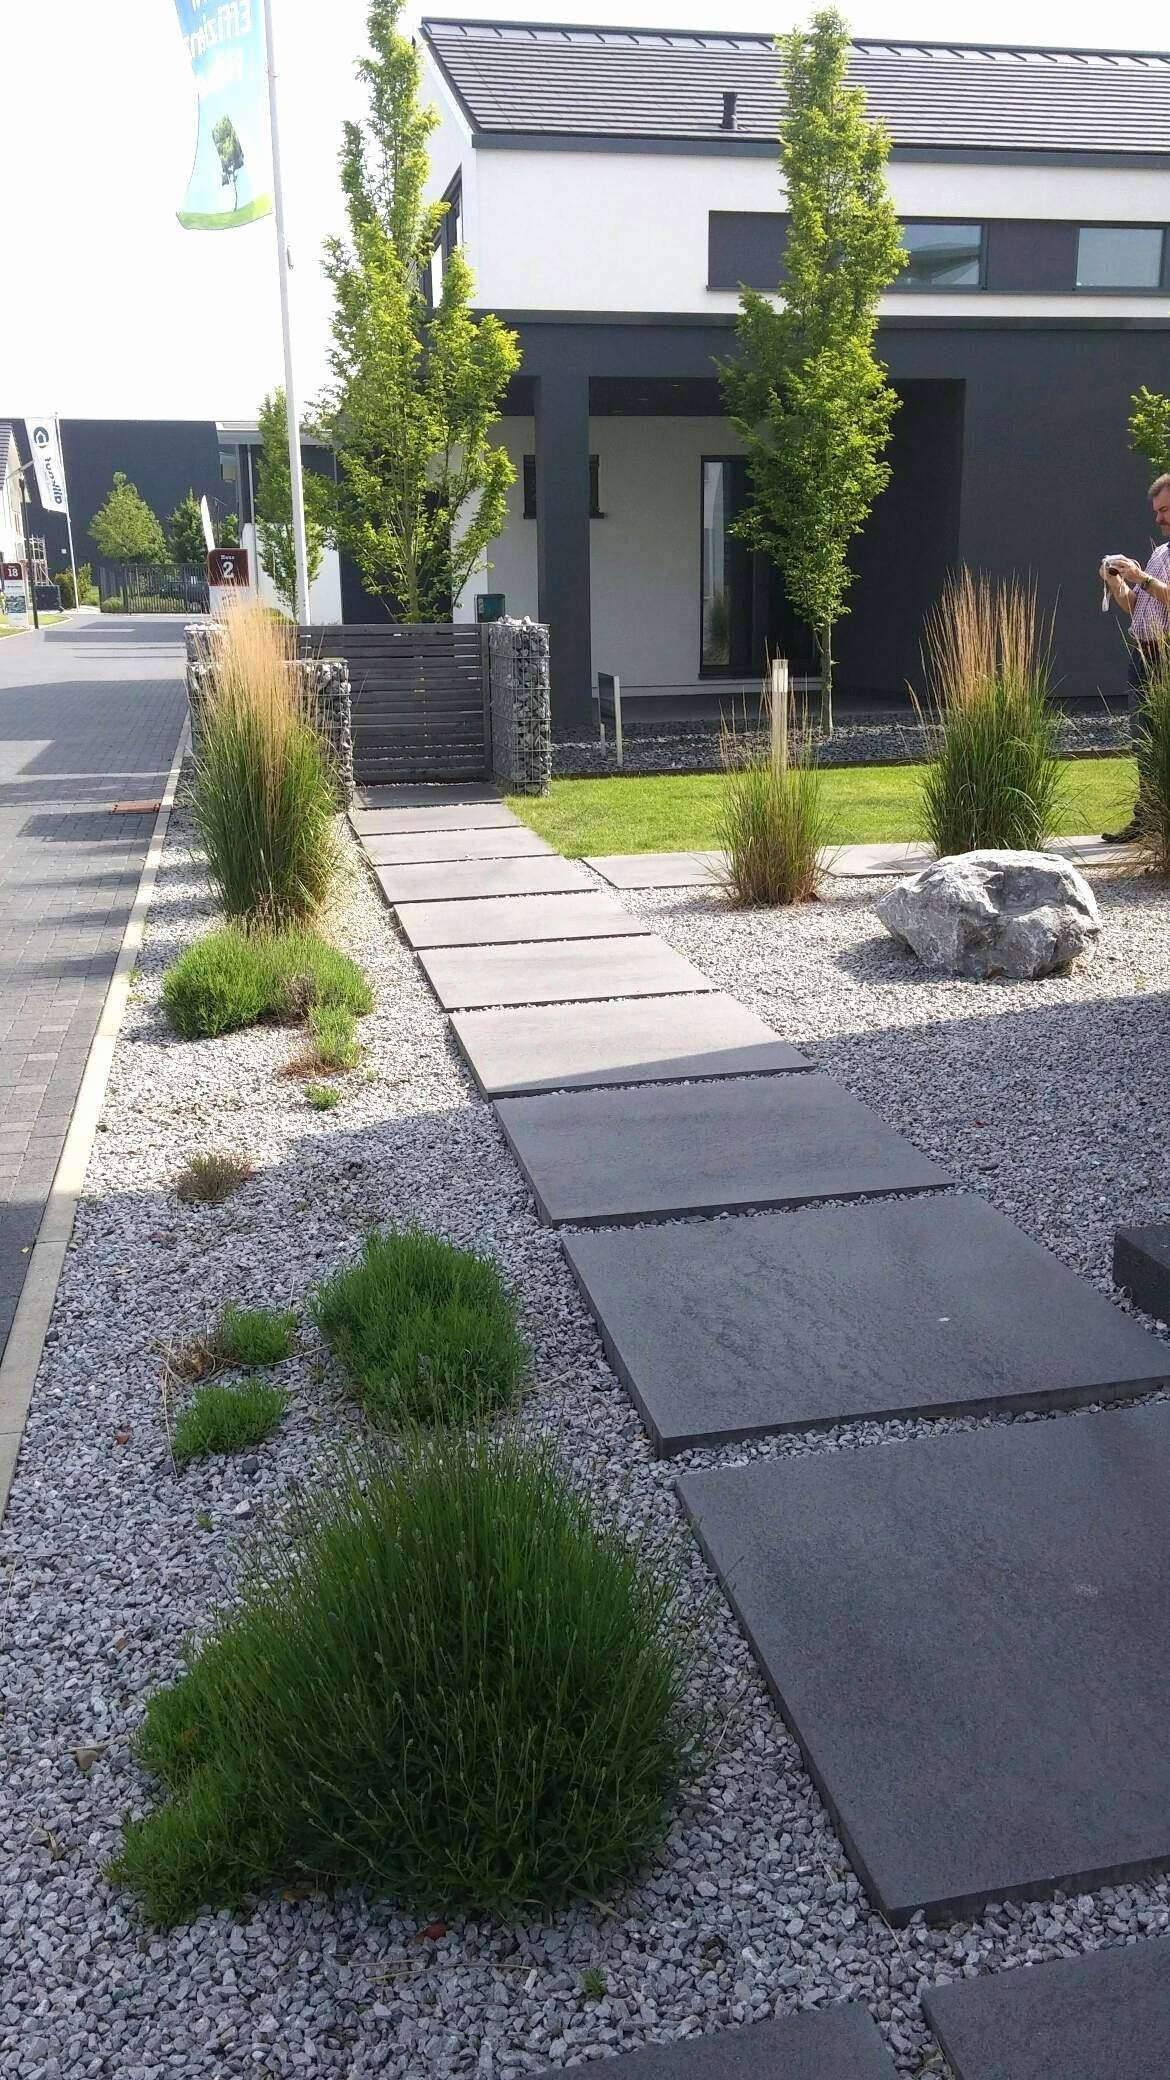 Vorgarten Ideen Modern Genial 26 Genial Garten Anlegen Modern Reizend